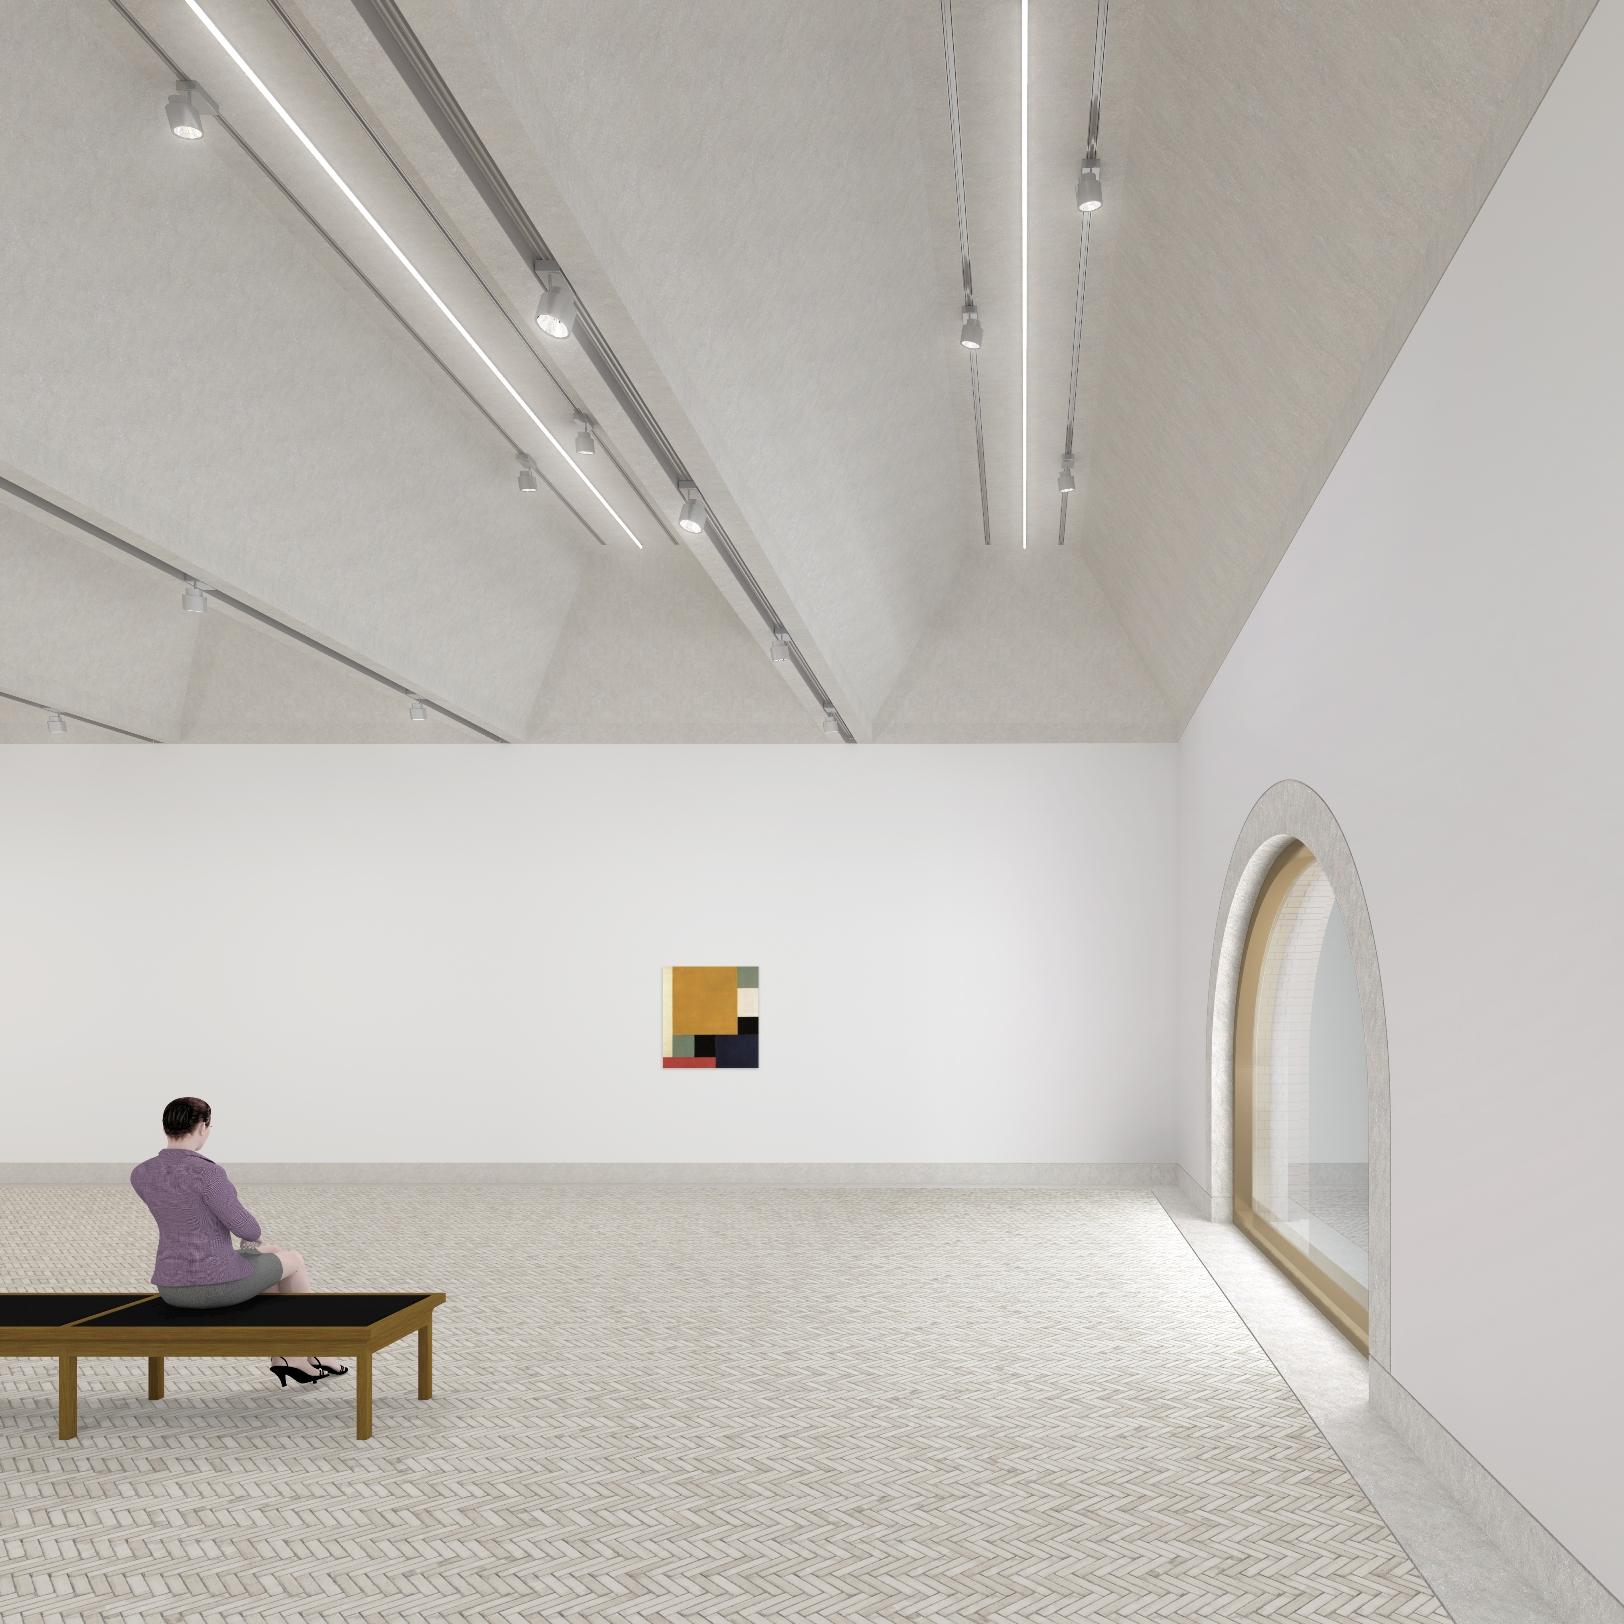 Impressie nieuwe tentoonstellingszaal